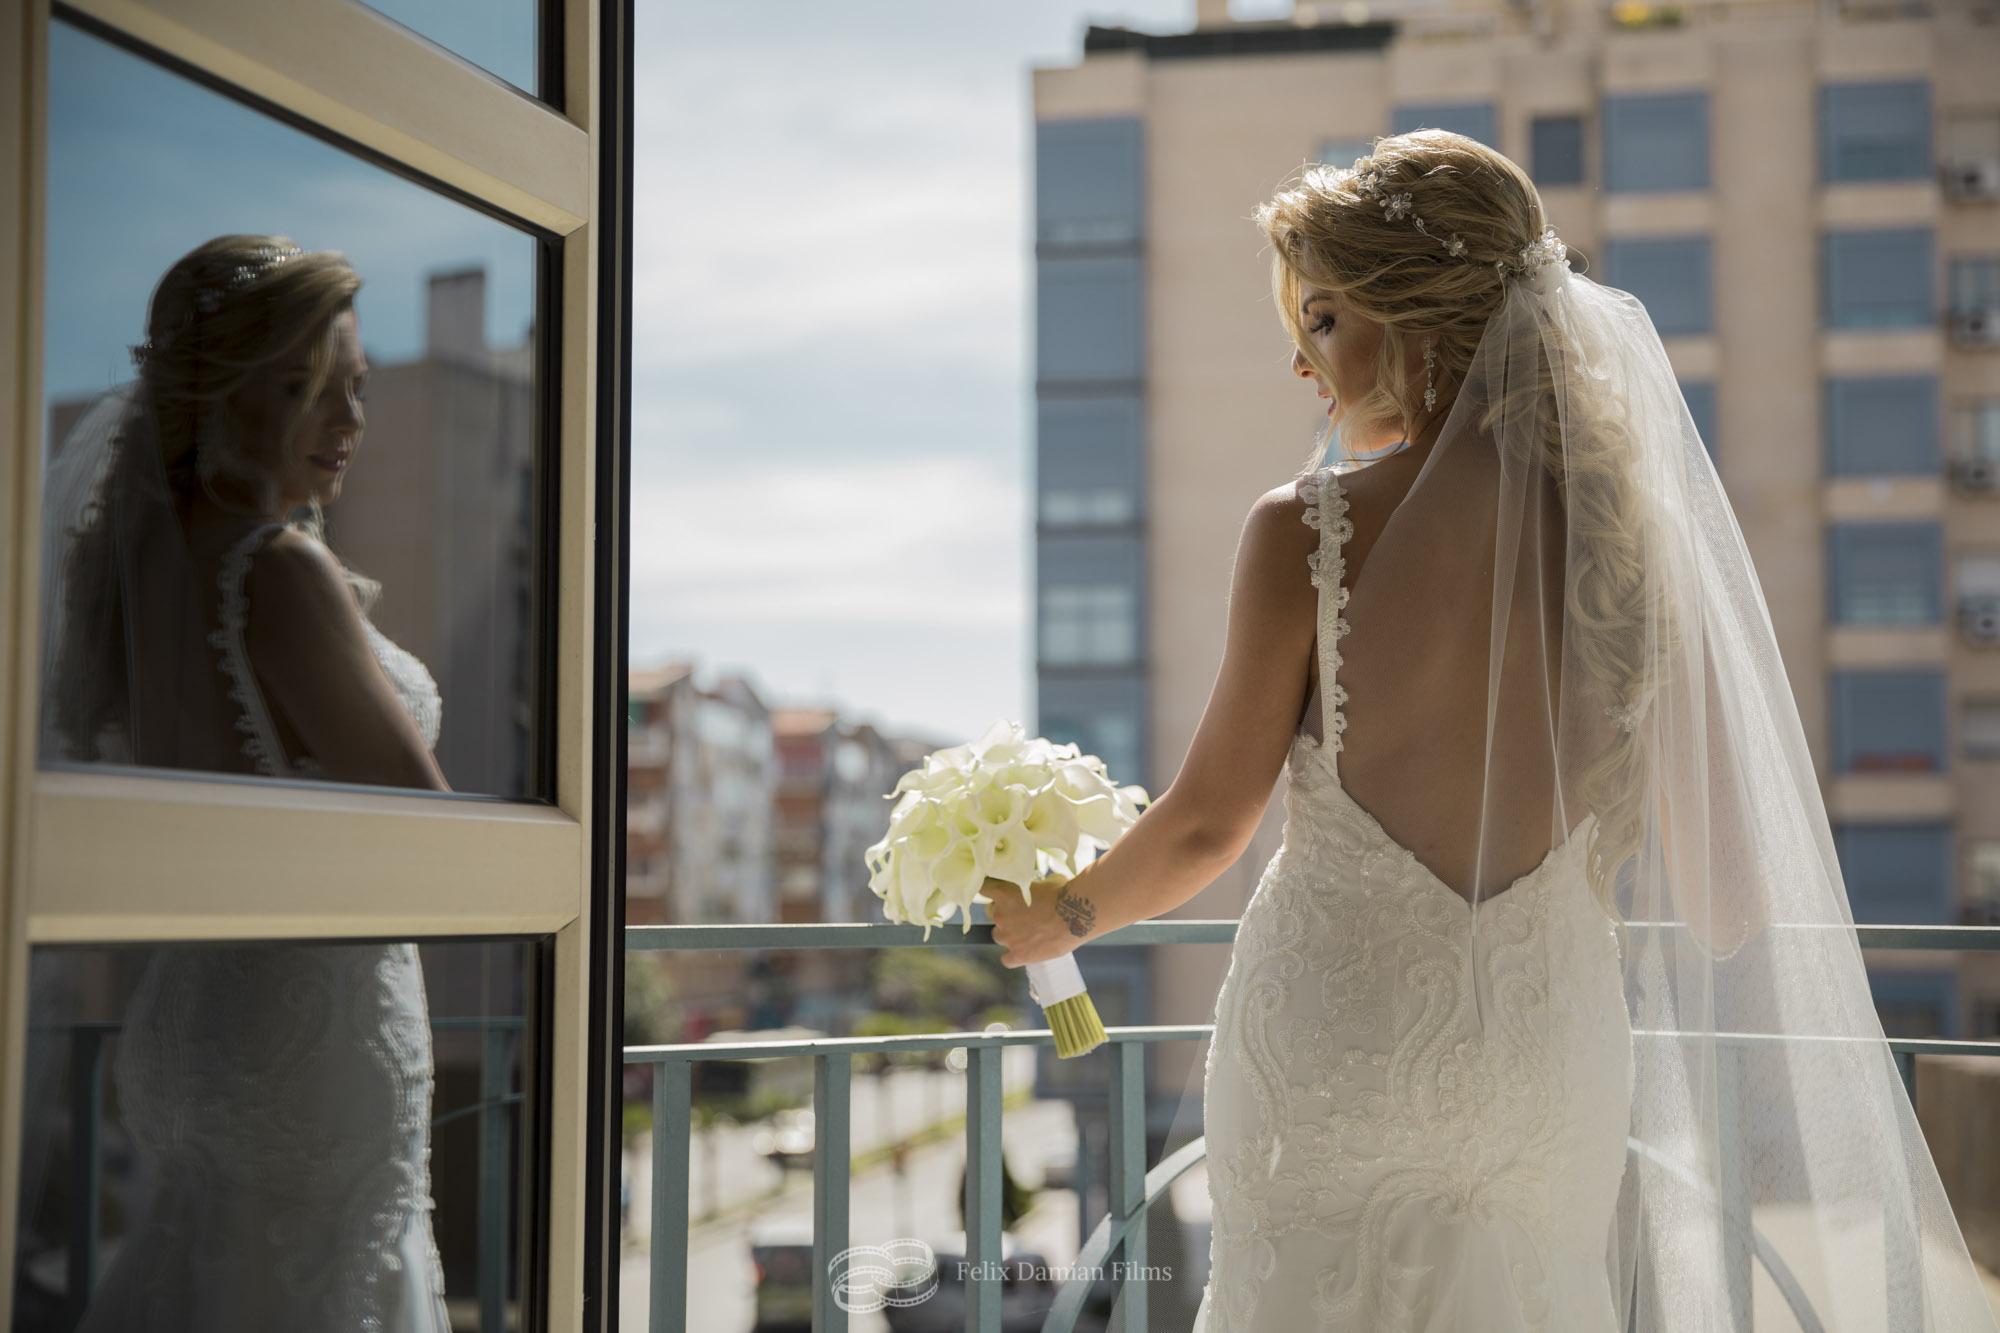 fotografos de bodas-44